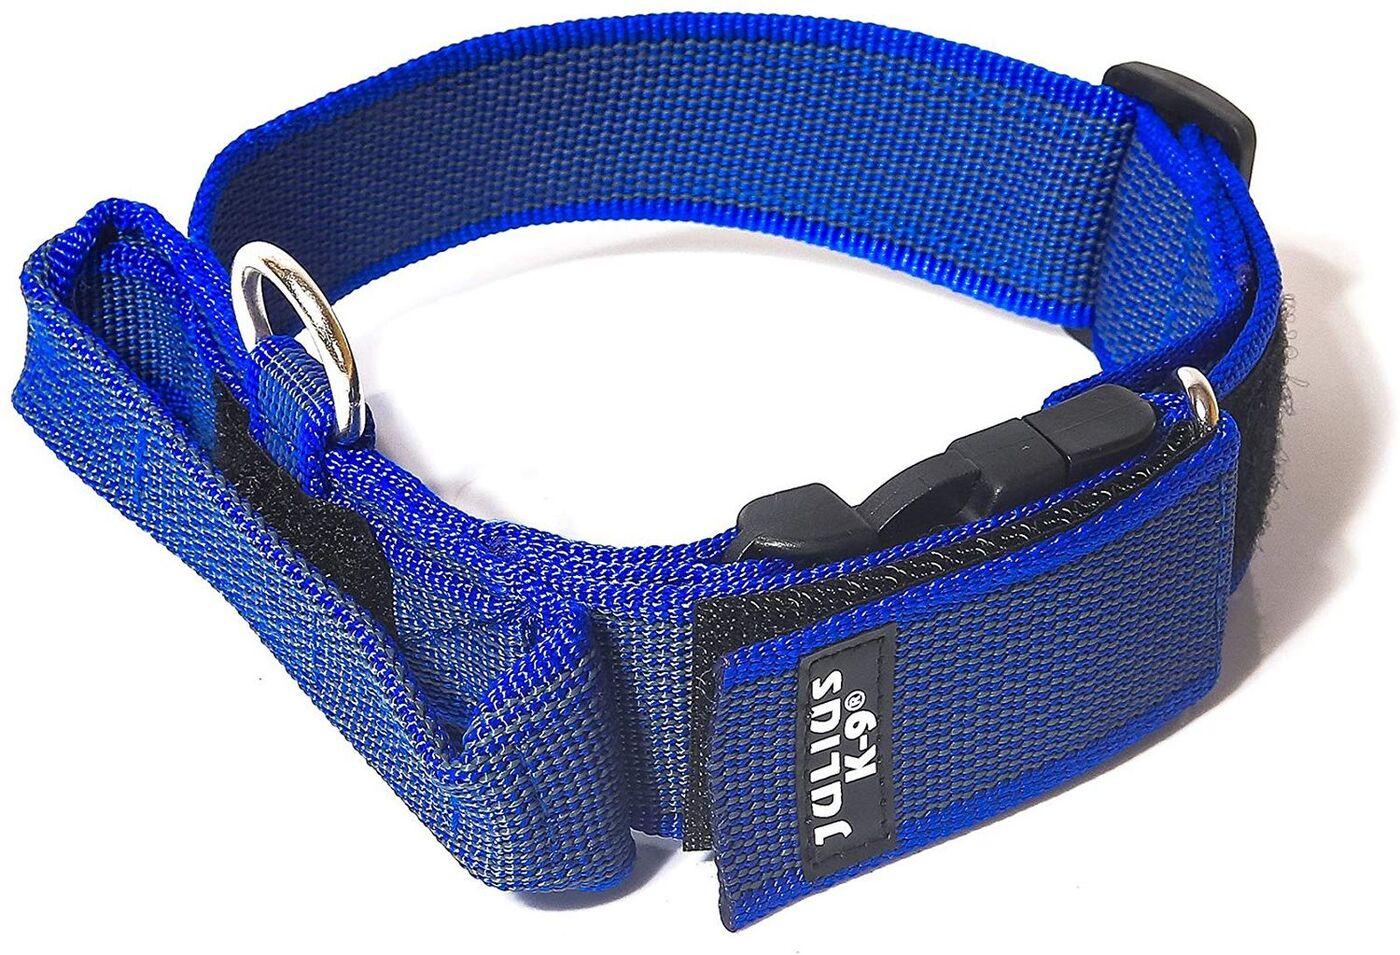 Ошейник для собак Julius-K9 Color & Gray, с закрытой ручкой, синий, серый, 38-53 см